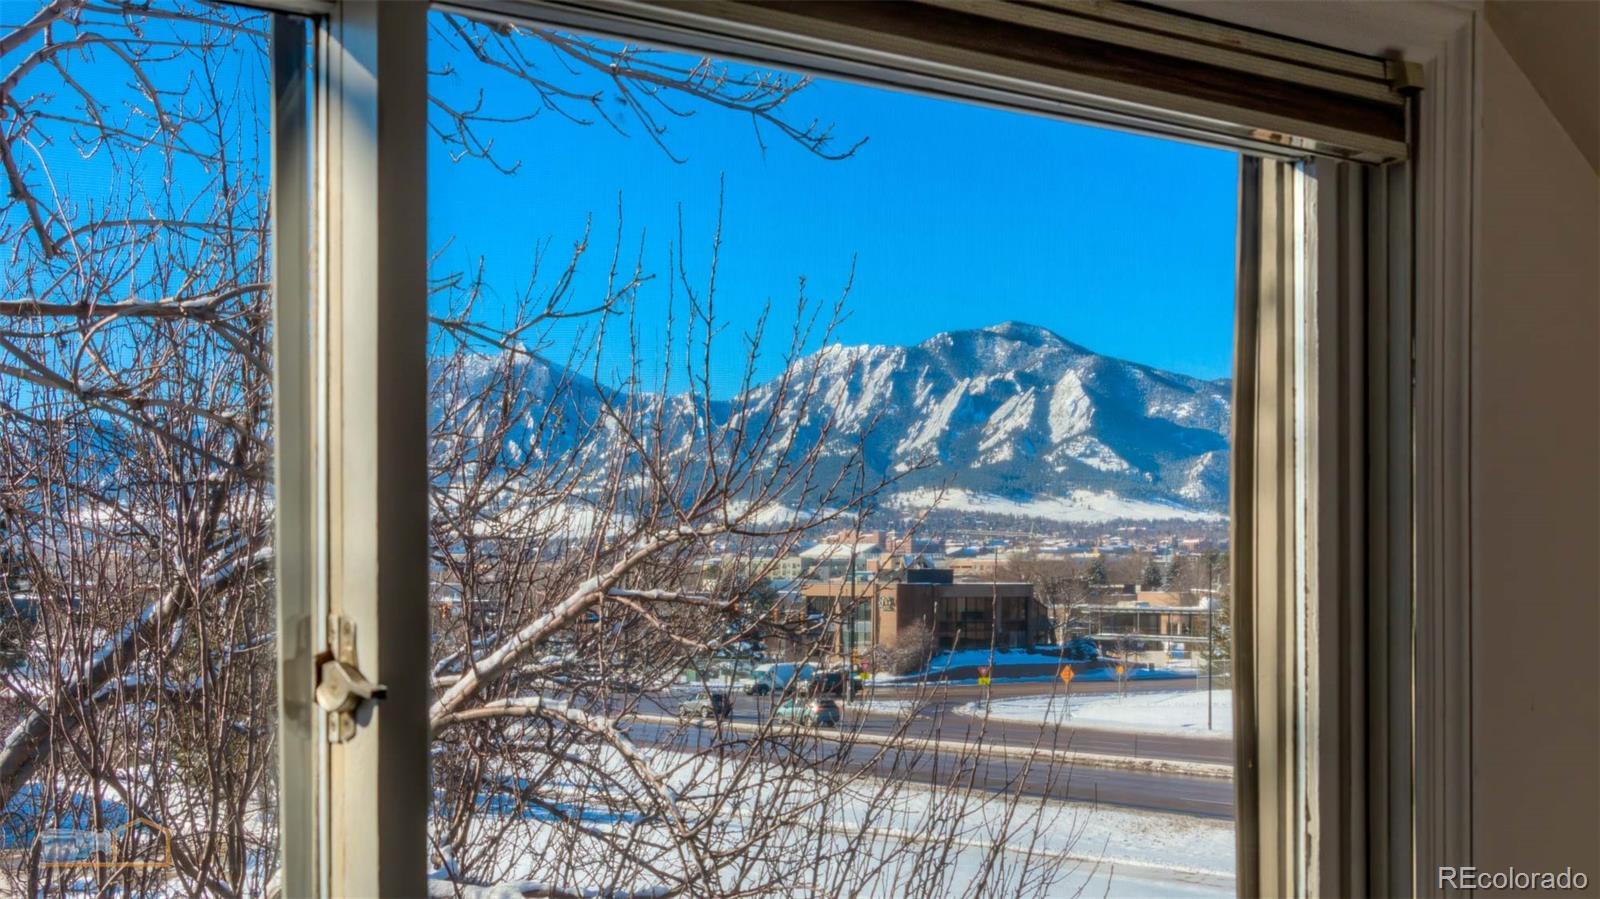 MLS# 5289239 - 25 - 4716 Edison Lane, Boulder, CO 80301